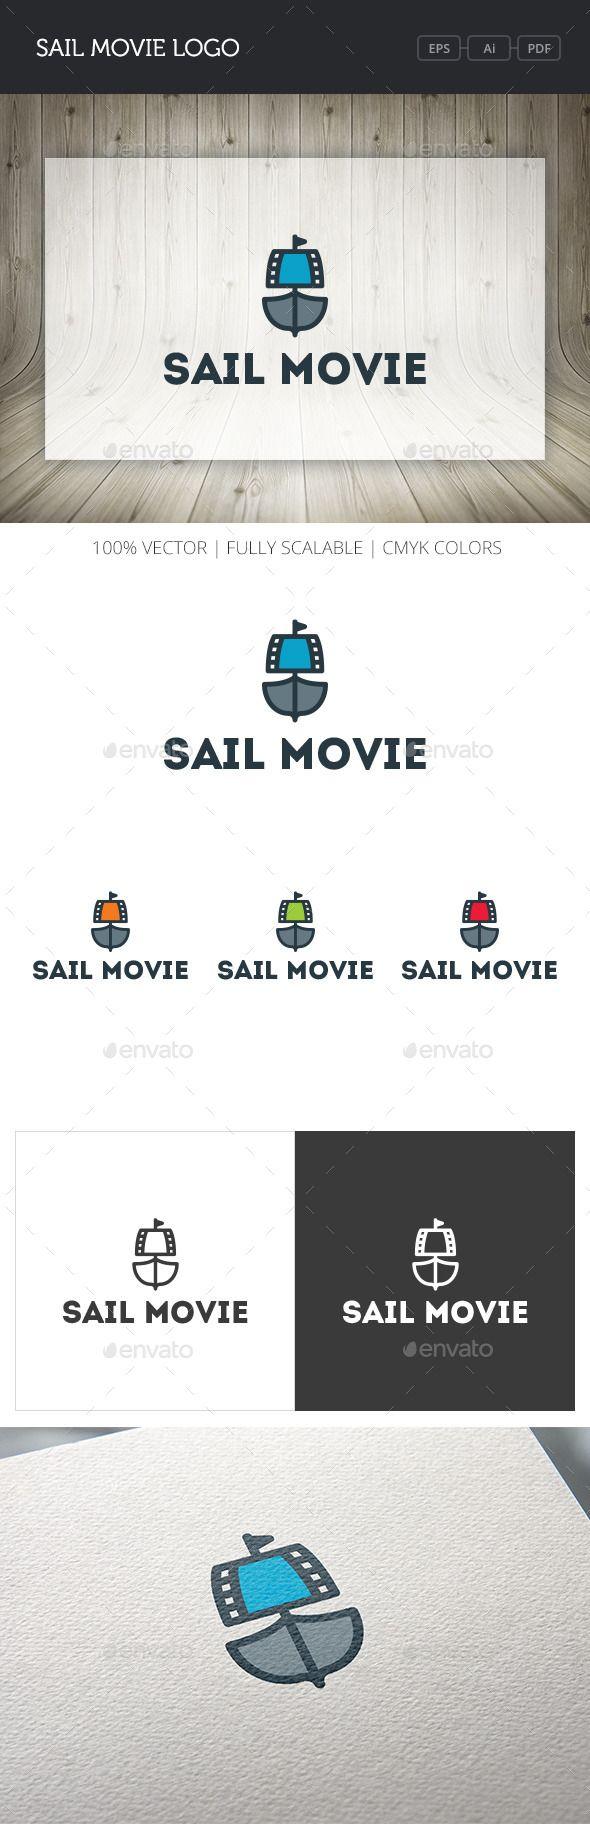 Vecteur clipart de main sur 201 cologie conscience image concept - Sail Movie Logo